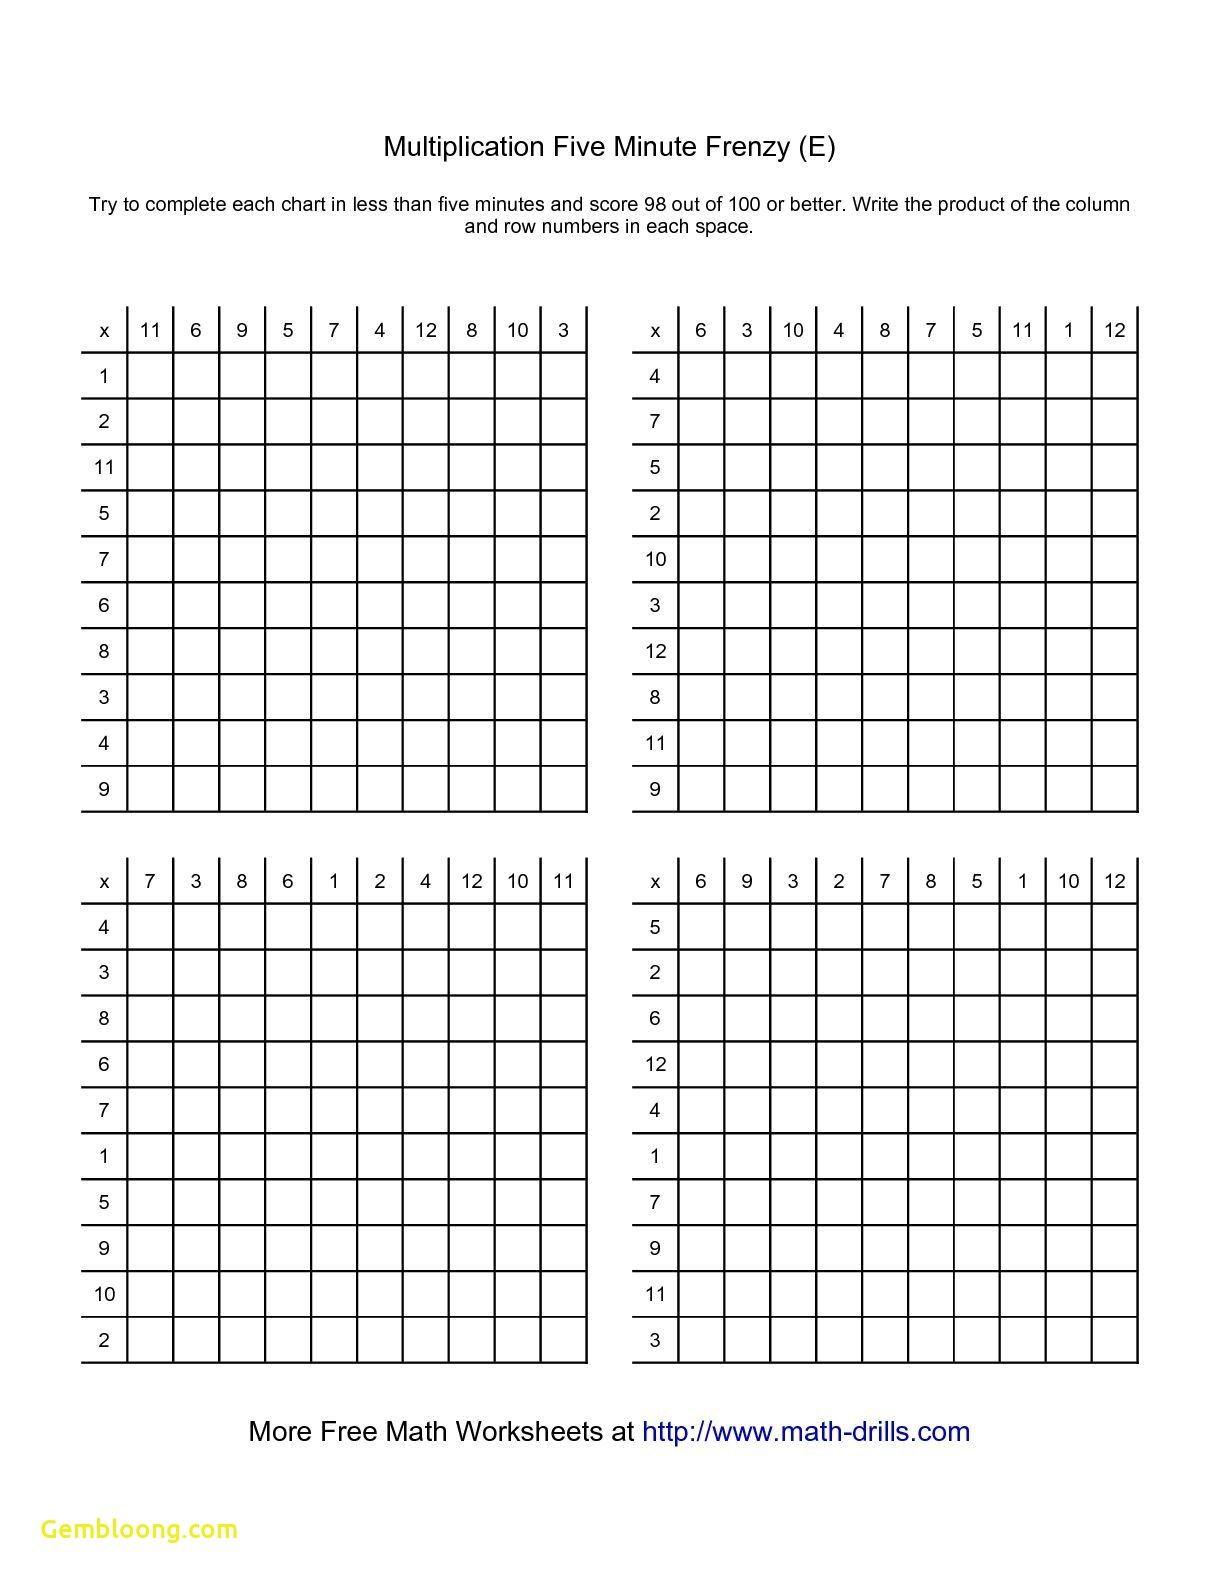 General Addition And Multiplication Worksheets Worksheet Printable Multiplication Worksheets Math Drills Math Worksheets Properties of addition worksheet grade 4